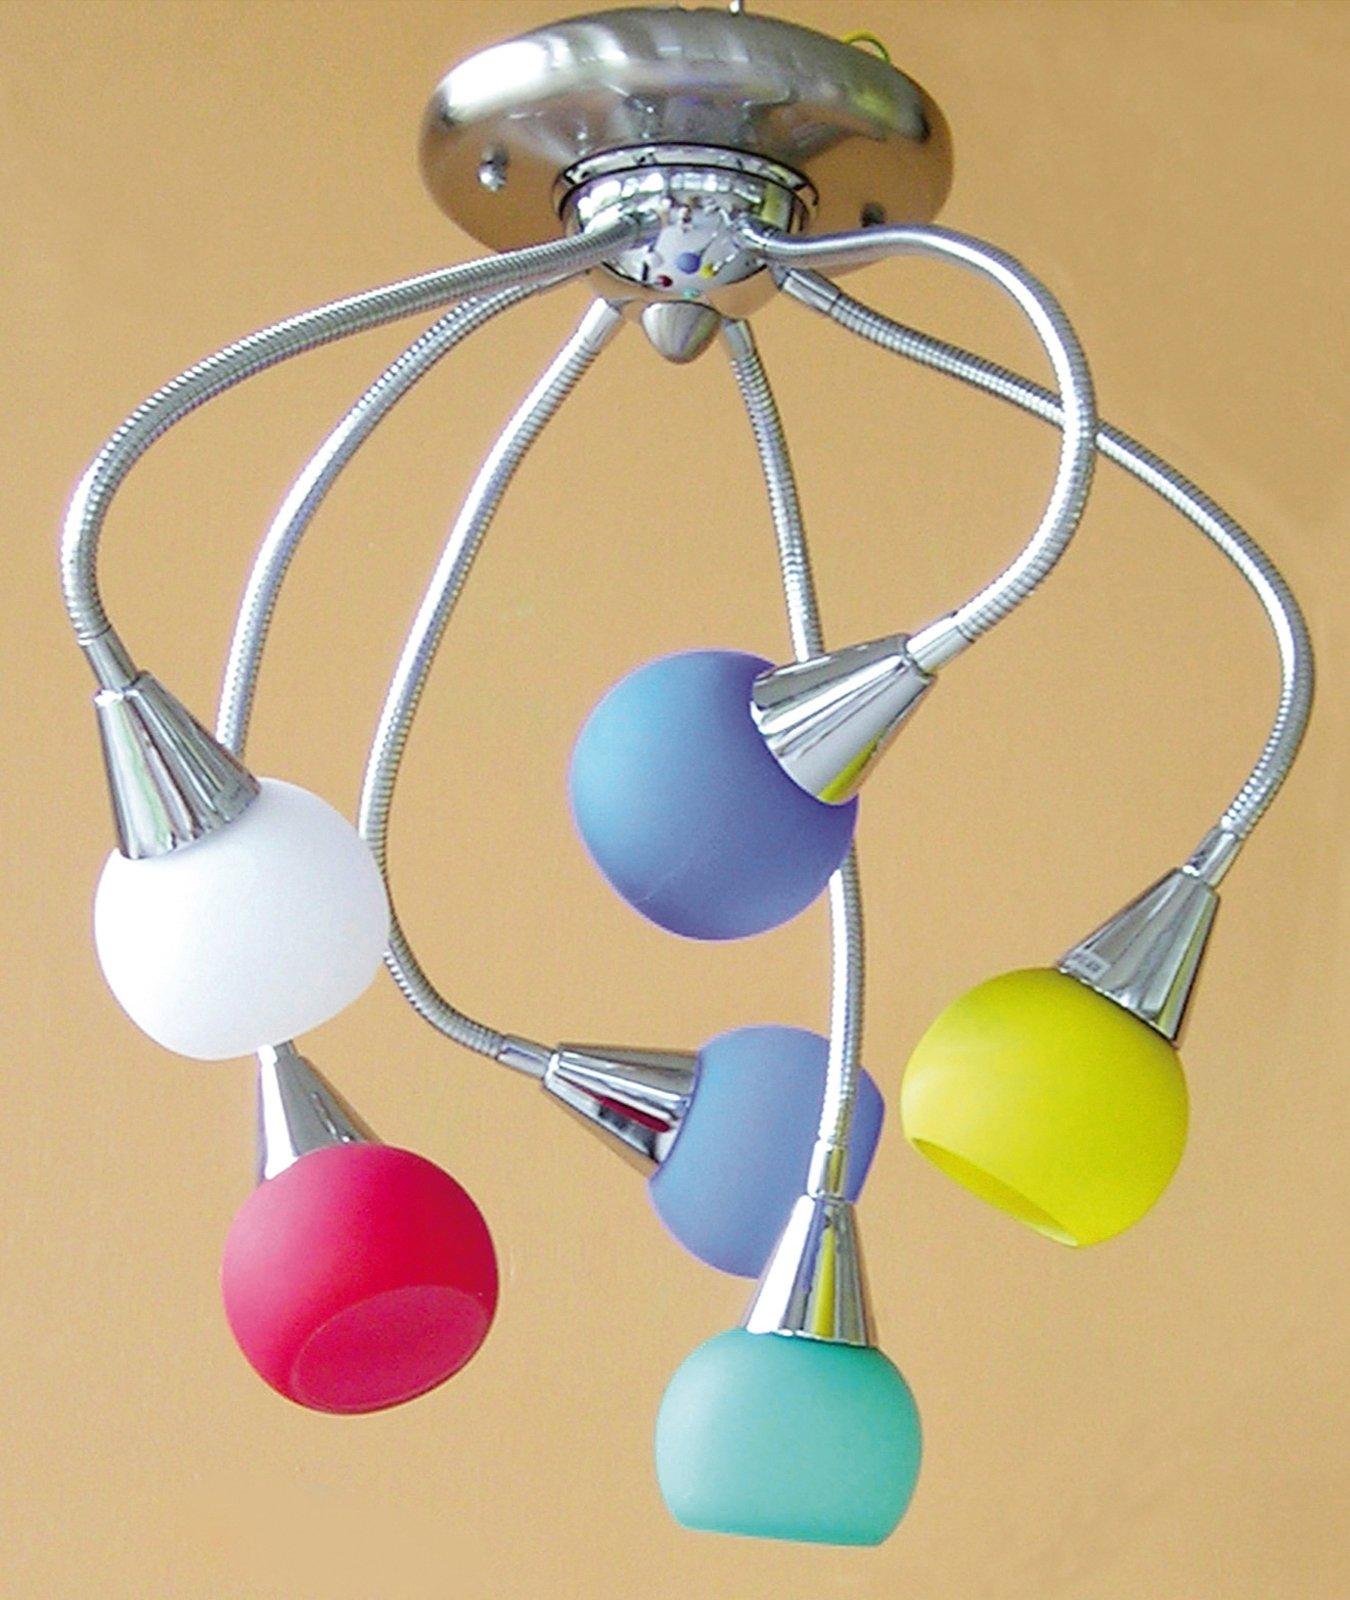 lampadari belli : Grazie ai 6 bracci orientabili, il fascio luminoso viene indirizzato ...